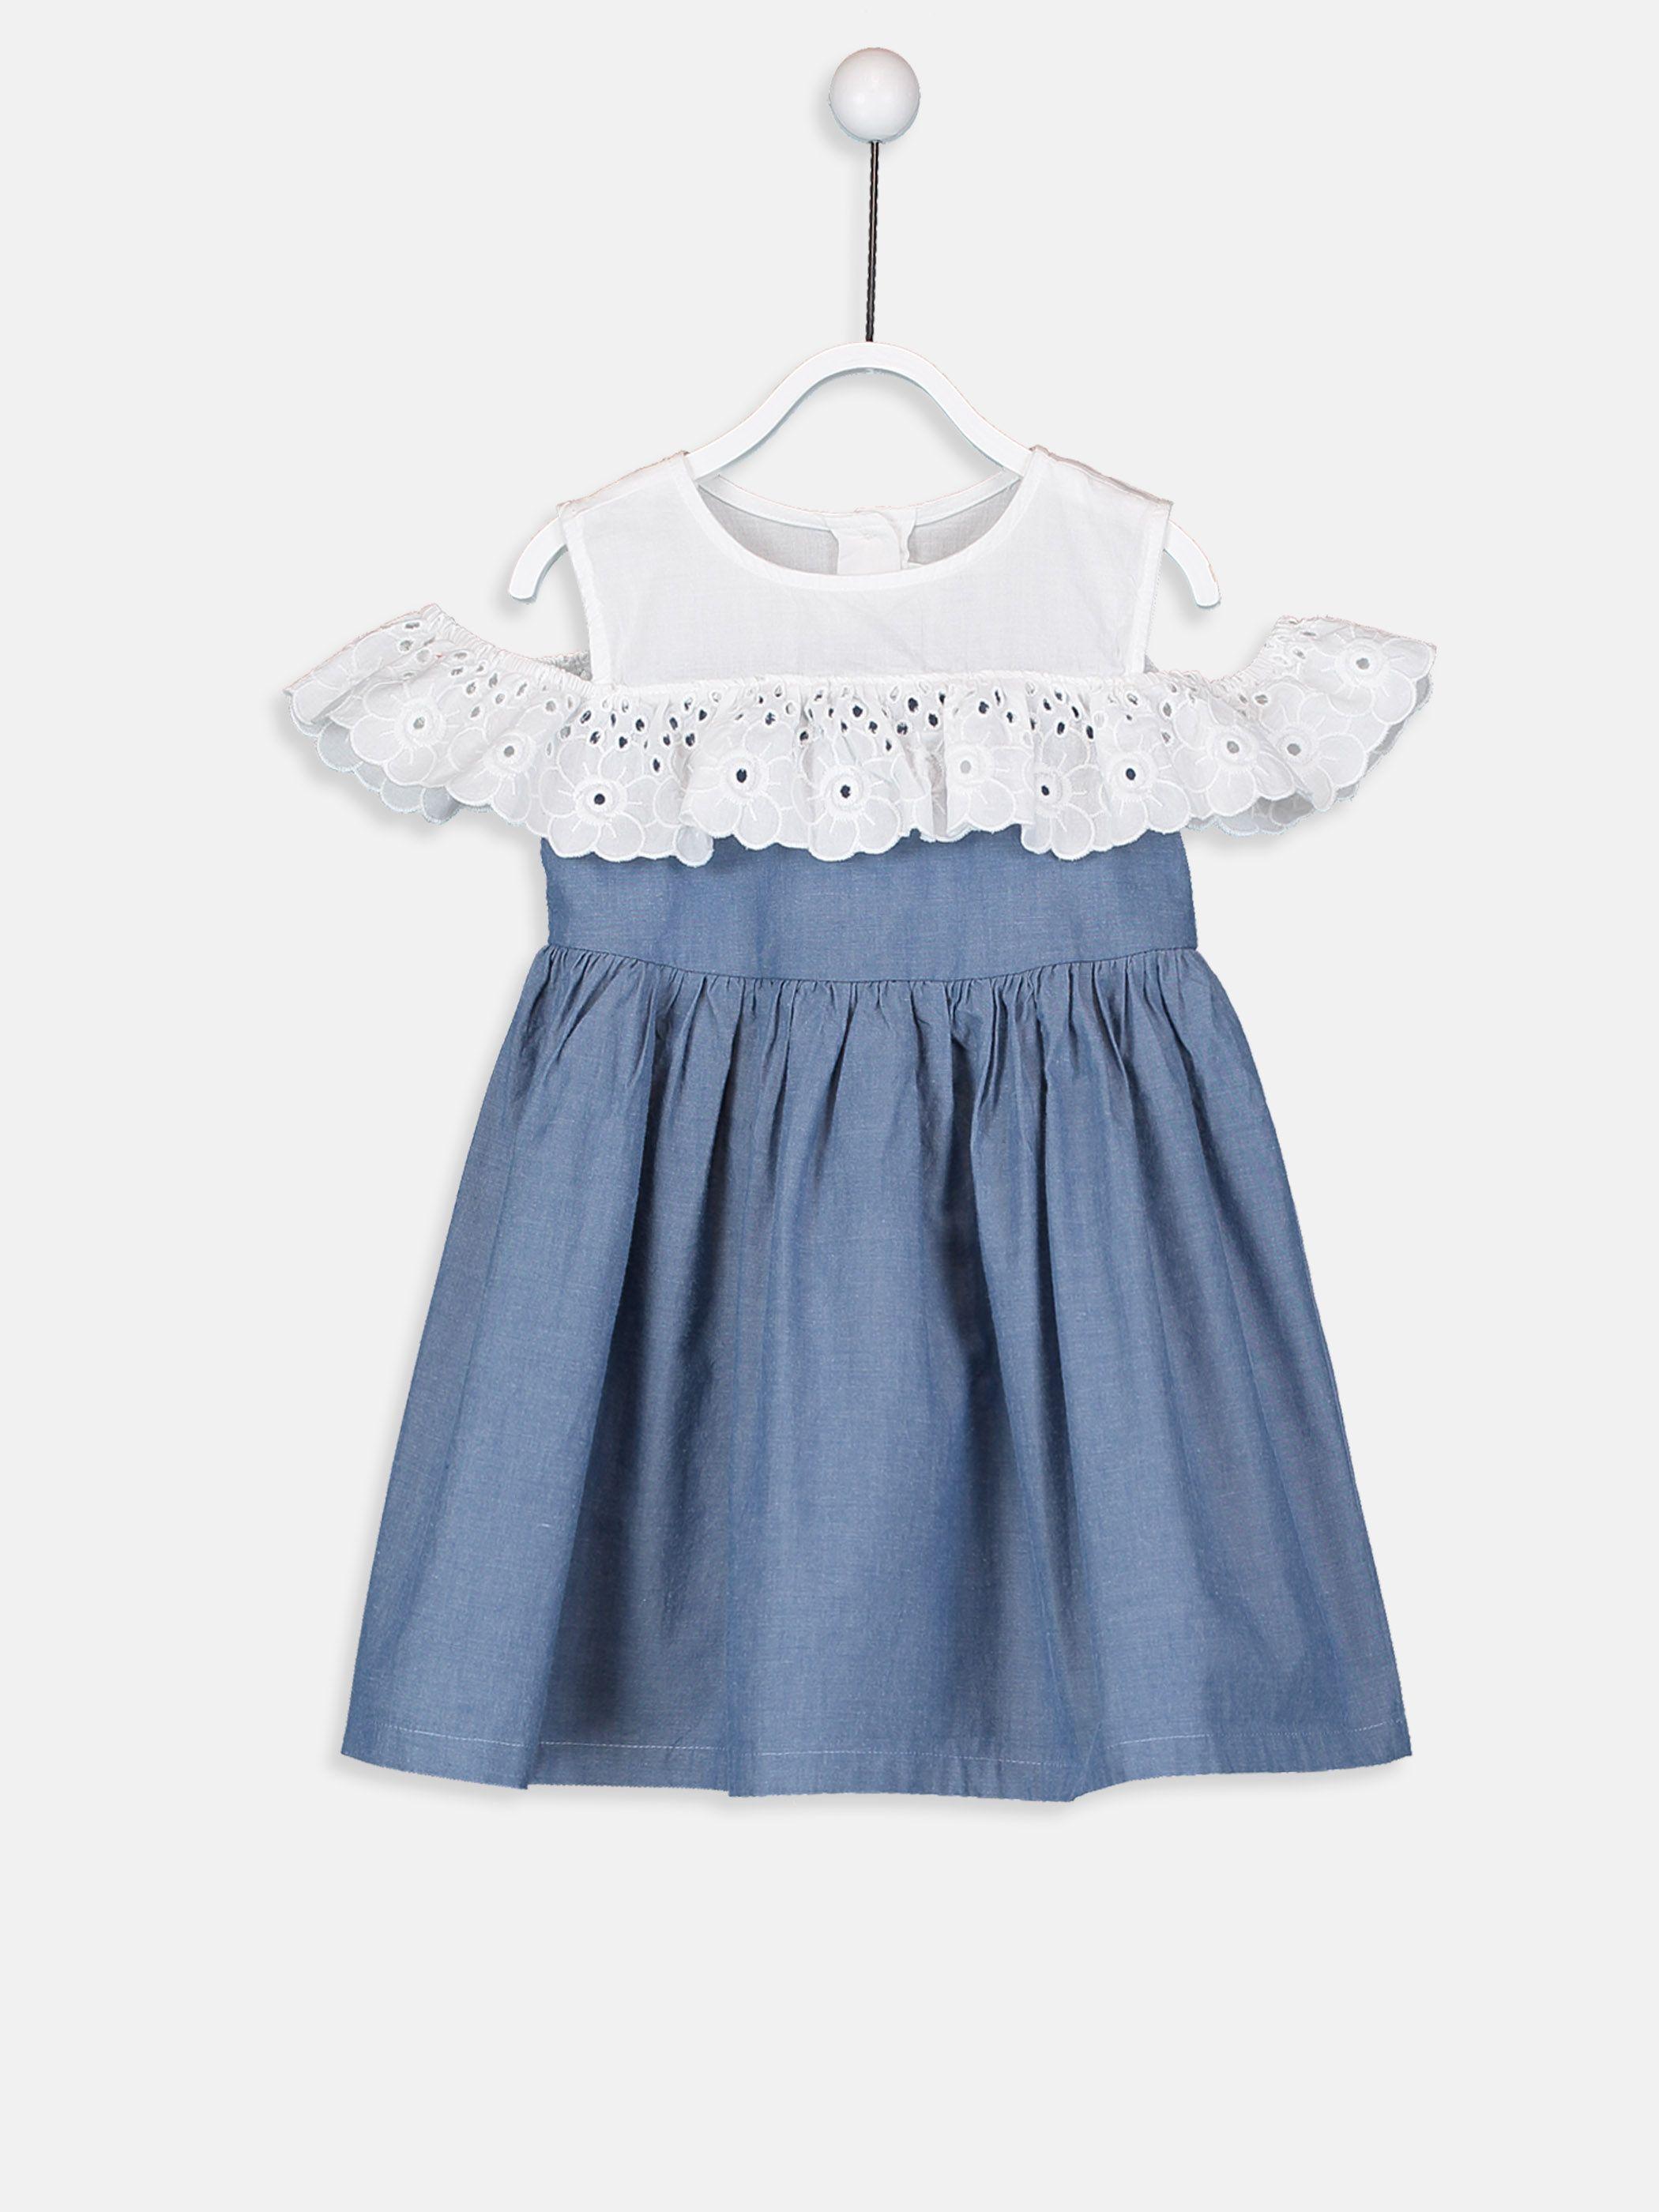 Kiz Bebek Sambre Elbise 9s4809z1 Cxt Lc Waikiki Asimetrik Elbise The Dress Kiyafet